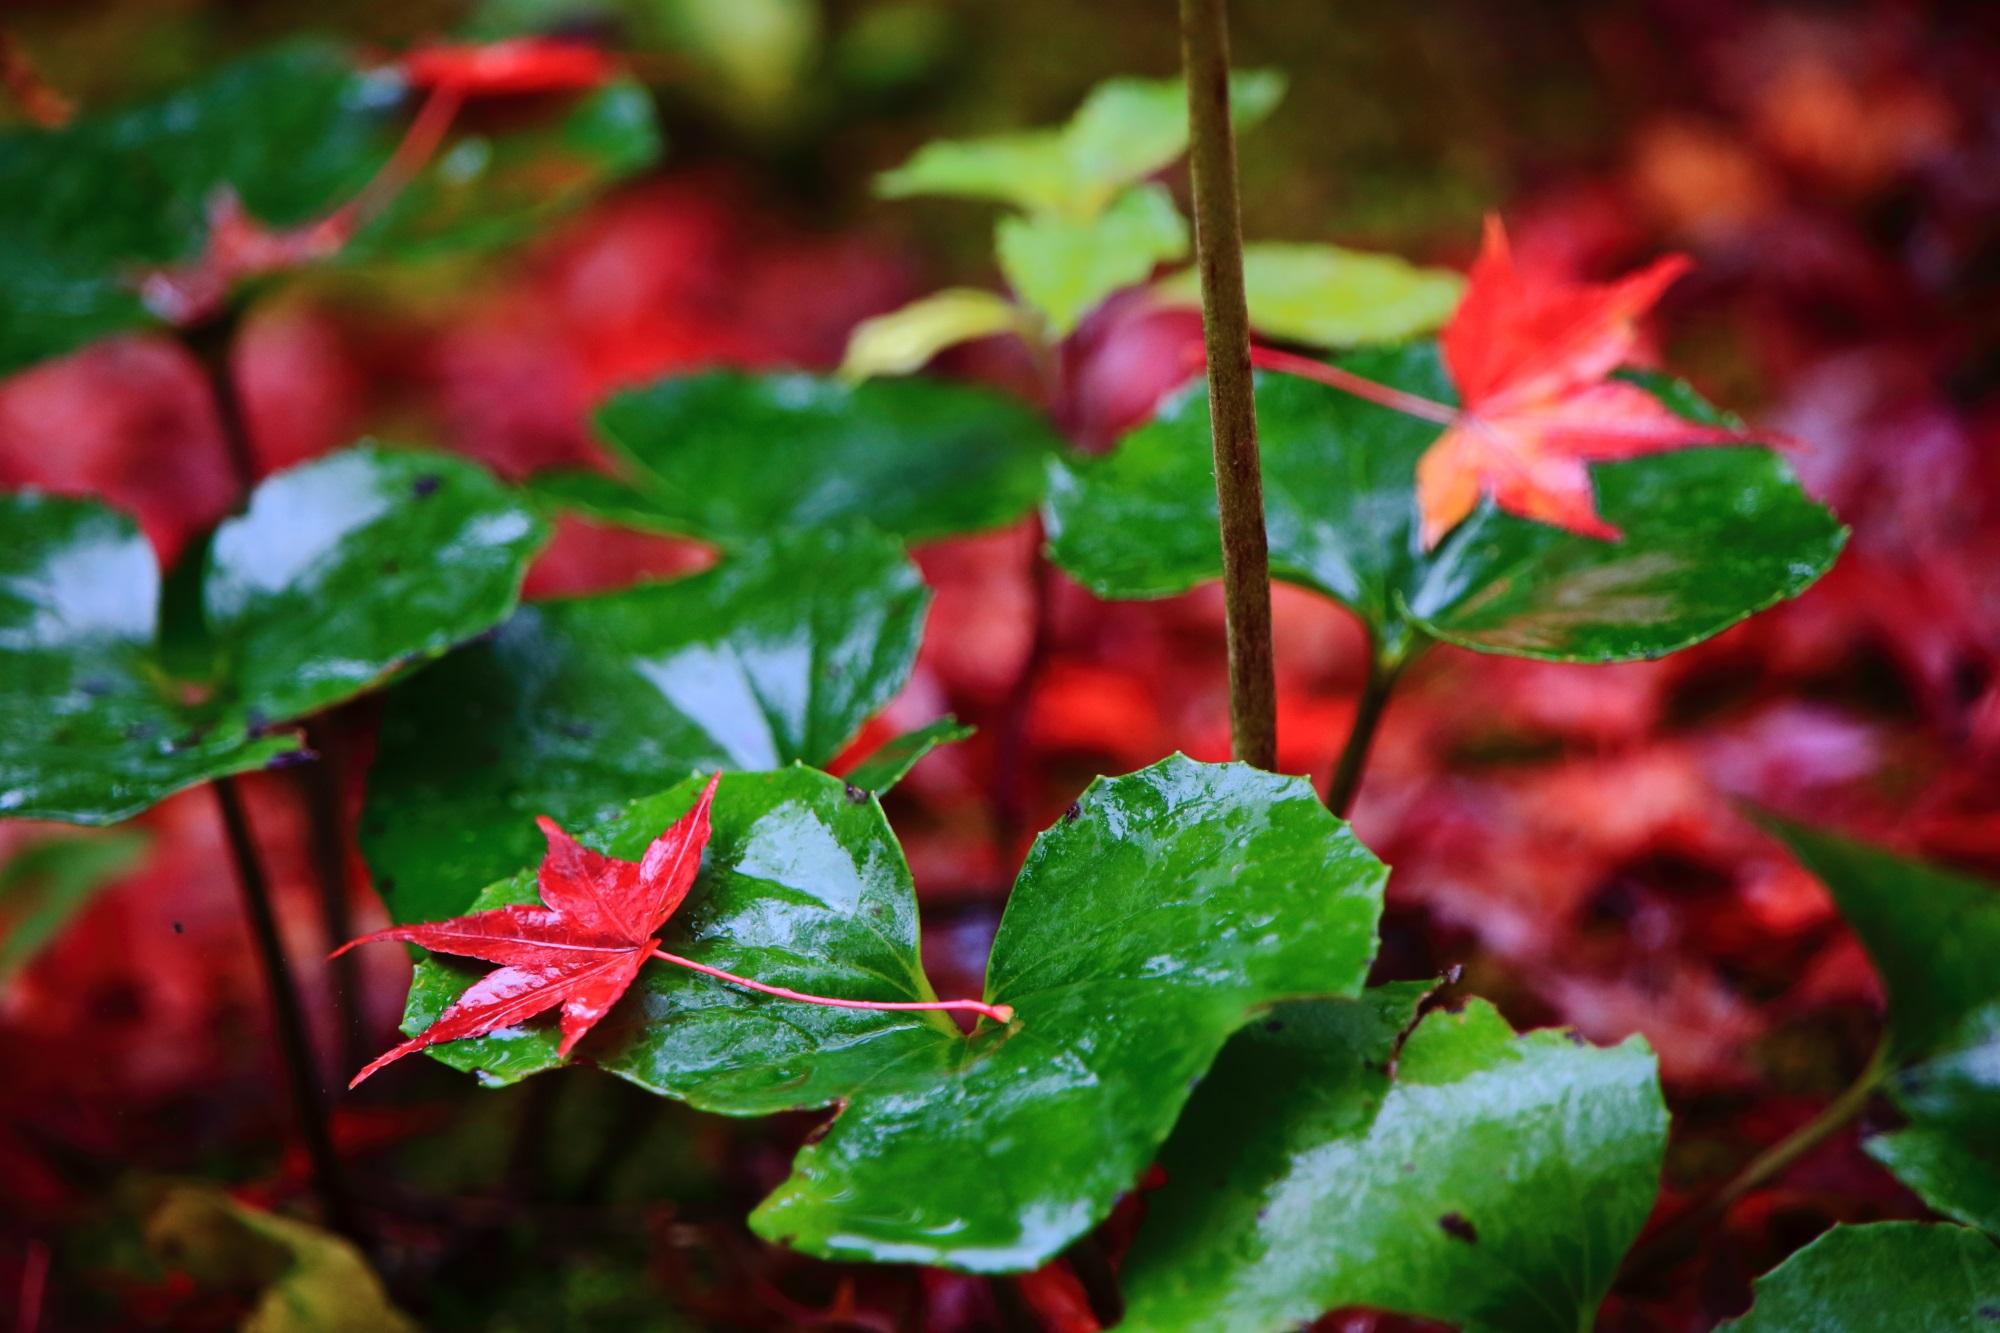 北嵯峨の直指庵の雨で輝く葵と散りもみじ